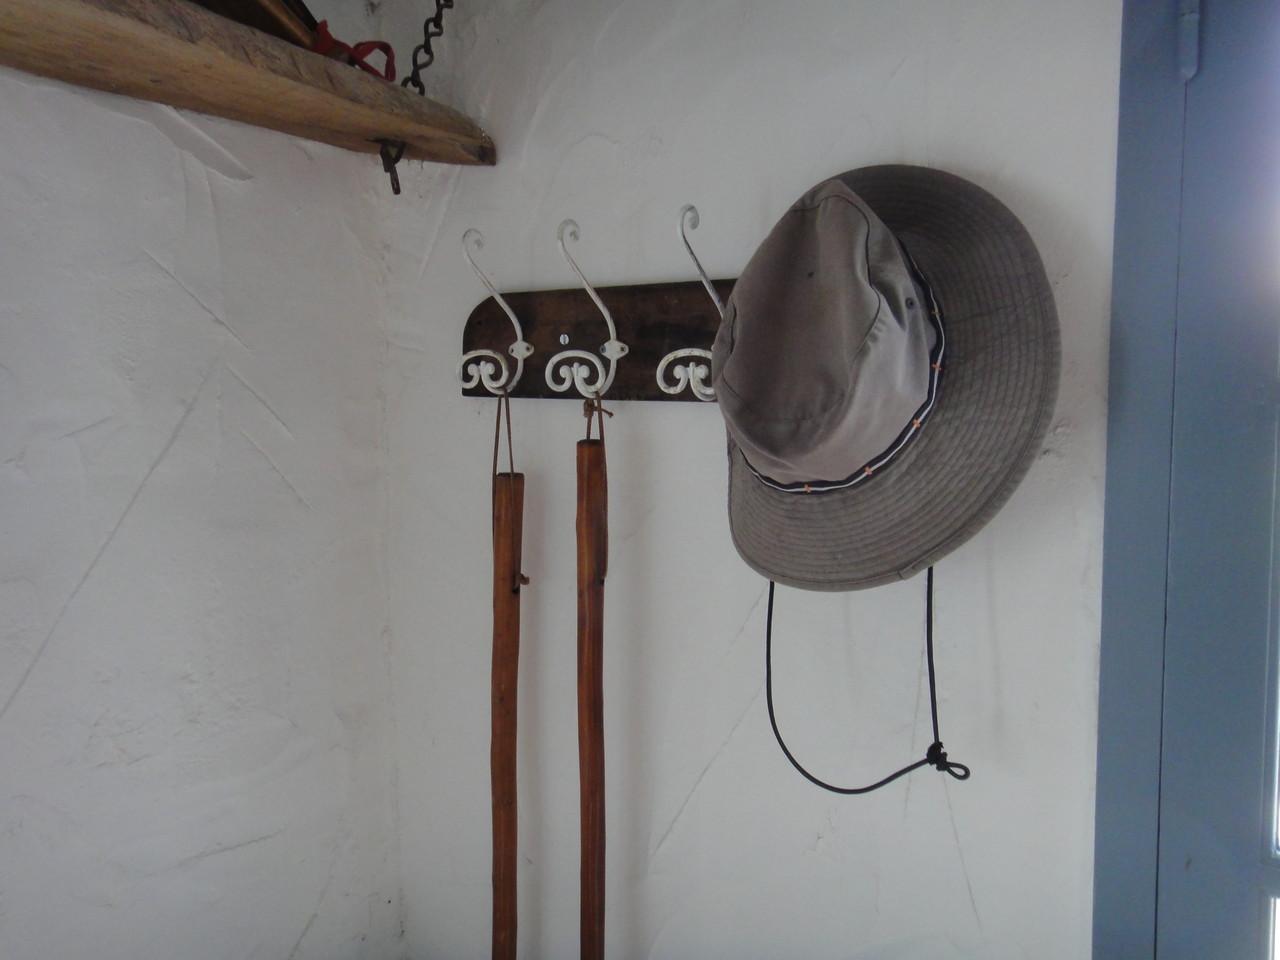 Vos batons de randonnées et mon chapeau...